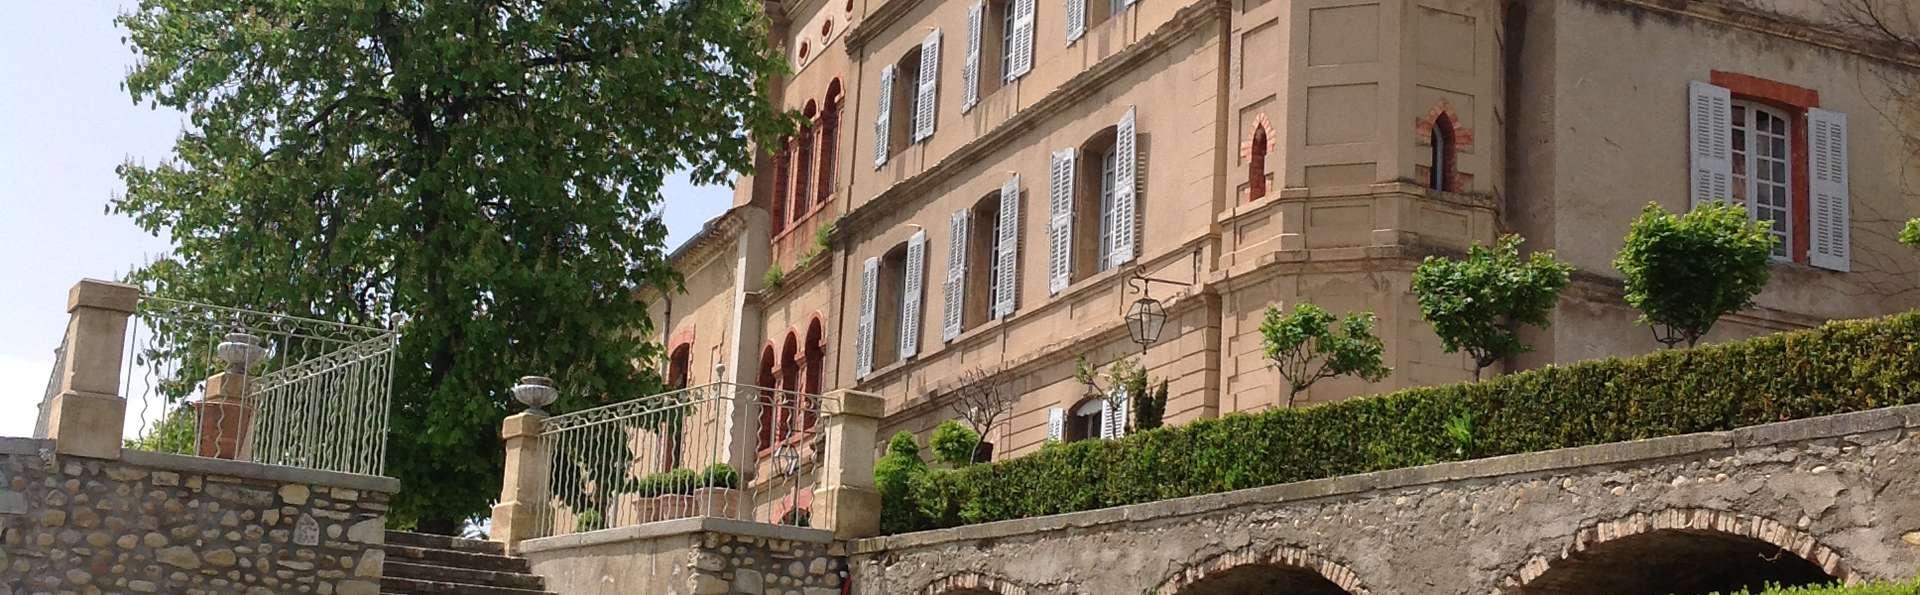 Hotel Château du Grand Jardin, Hotel Valensole